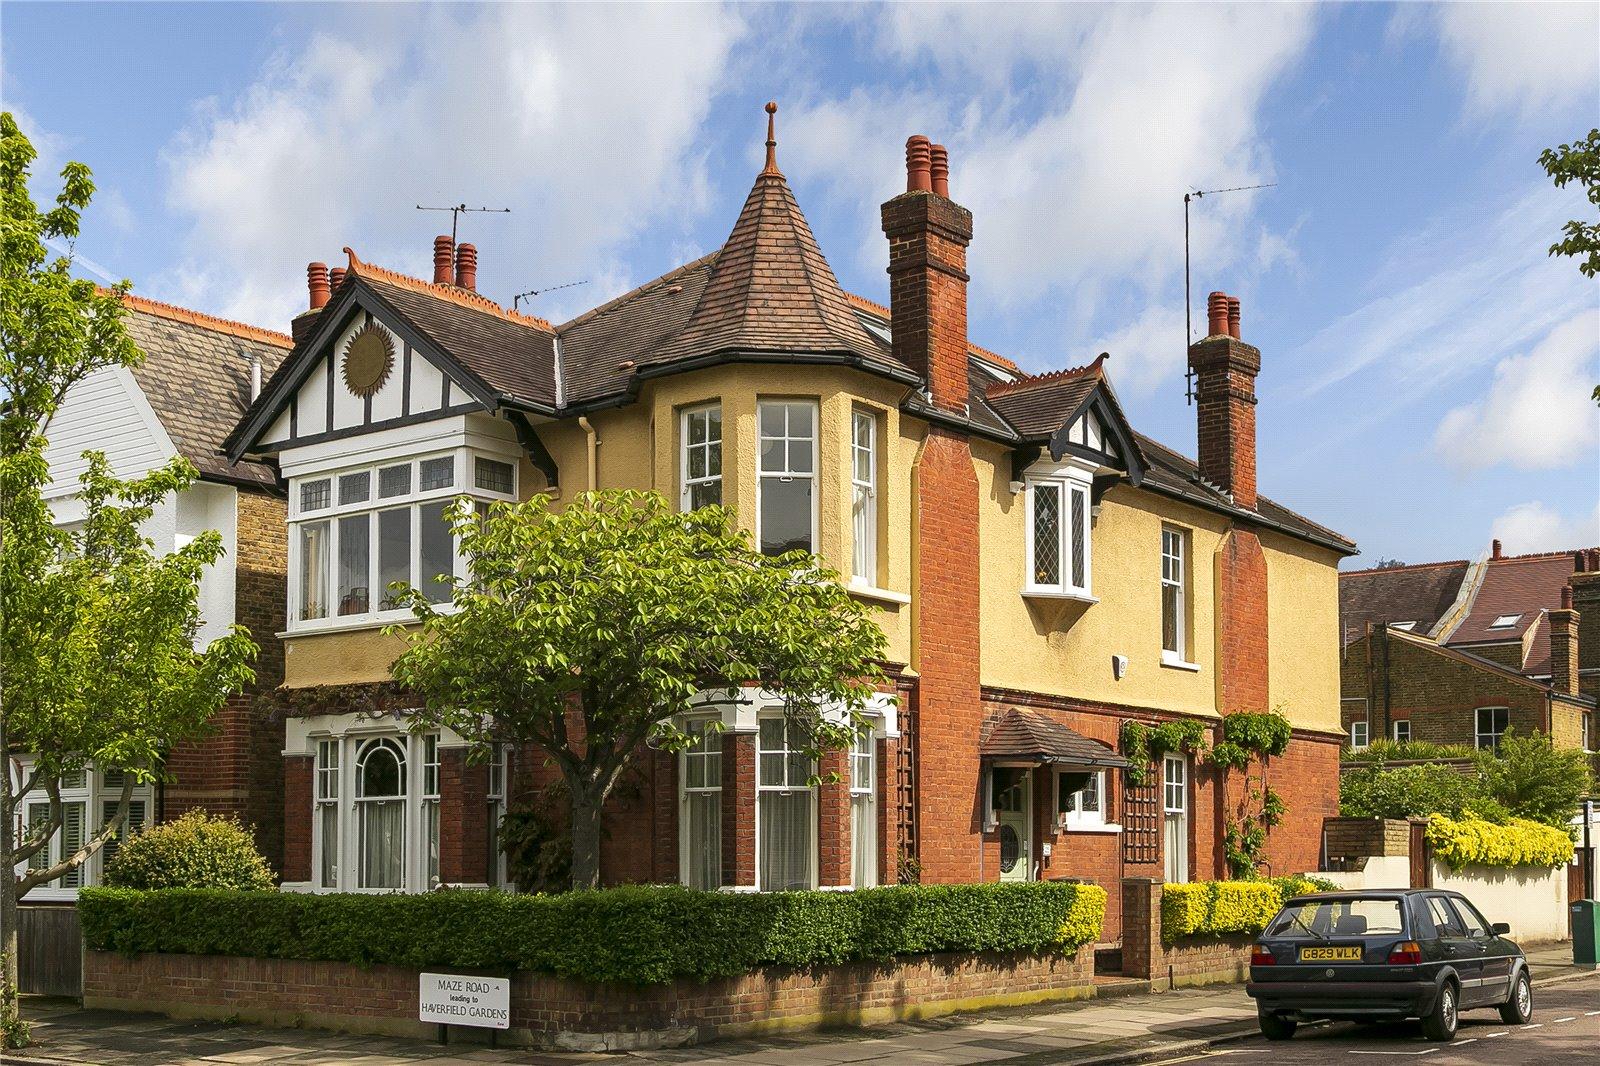 Maze Road, Kew, TW9 3DE - Antony Roberts